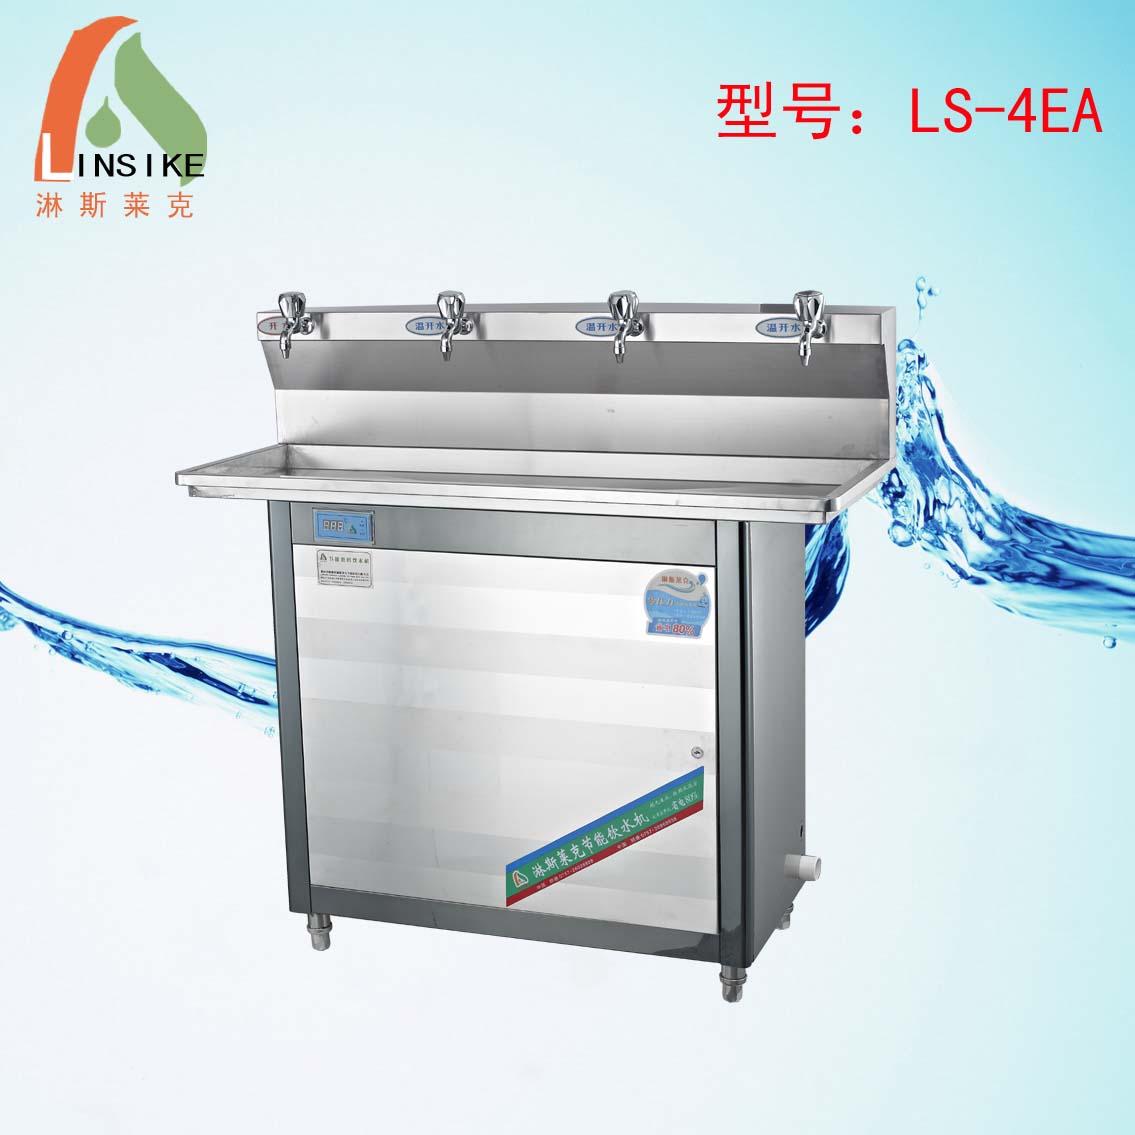 厂家直销淋斯莱克不锈钢节能饮水机LS-4EA